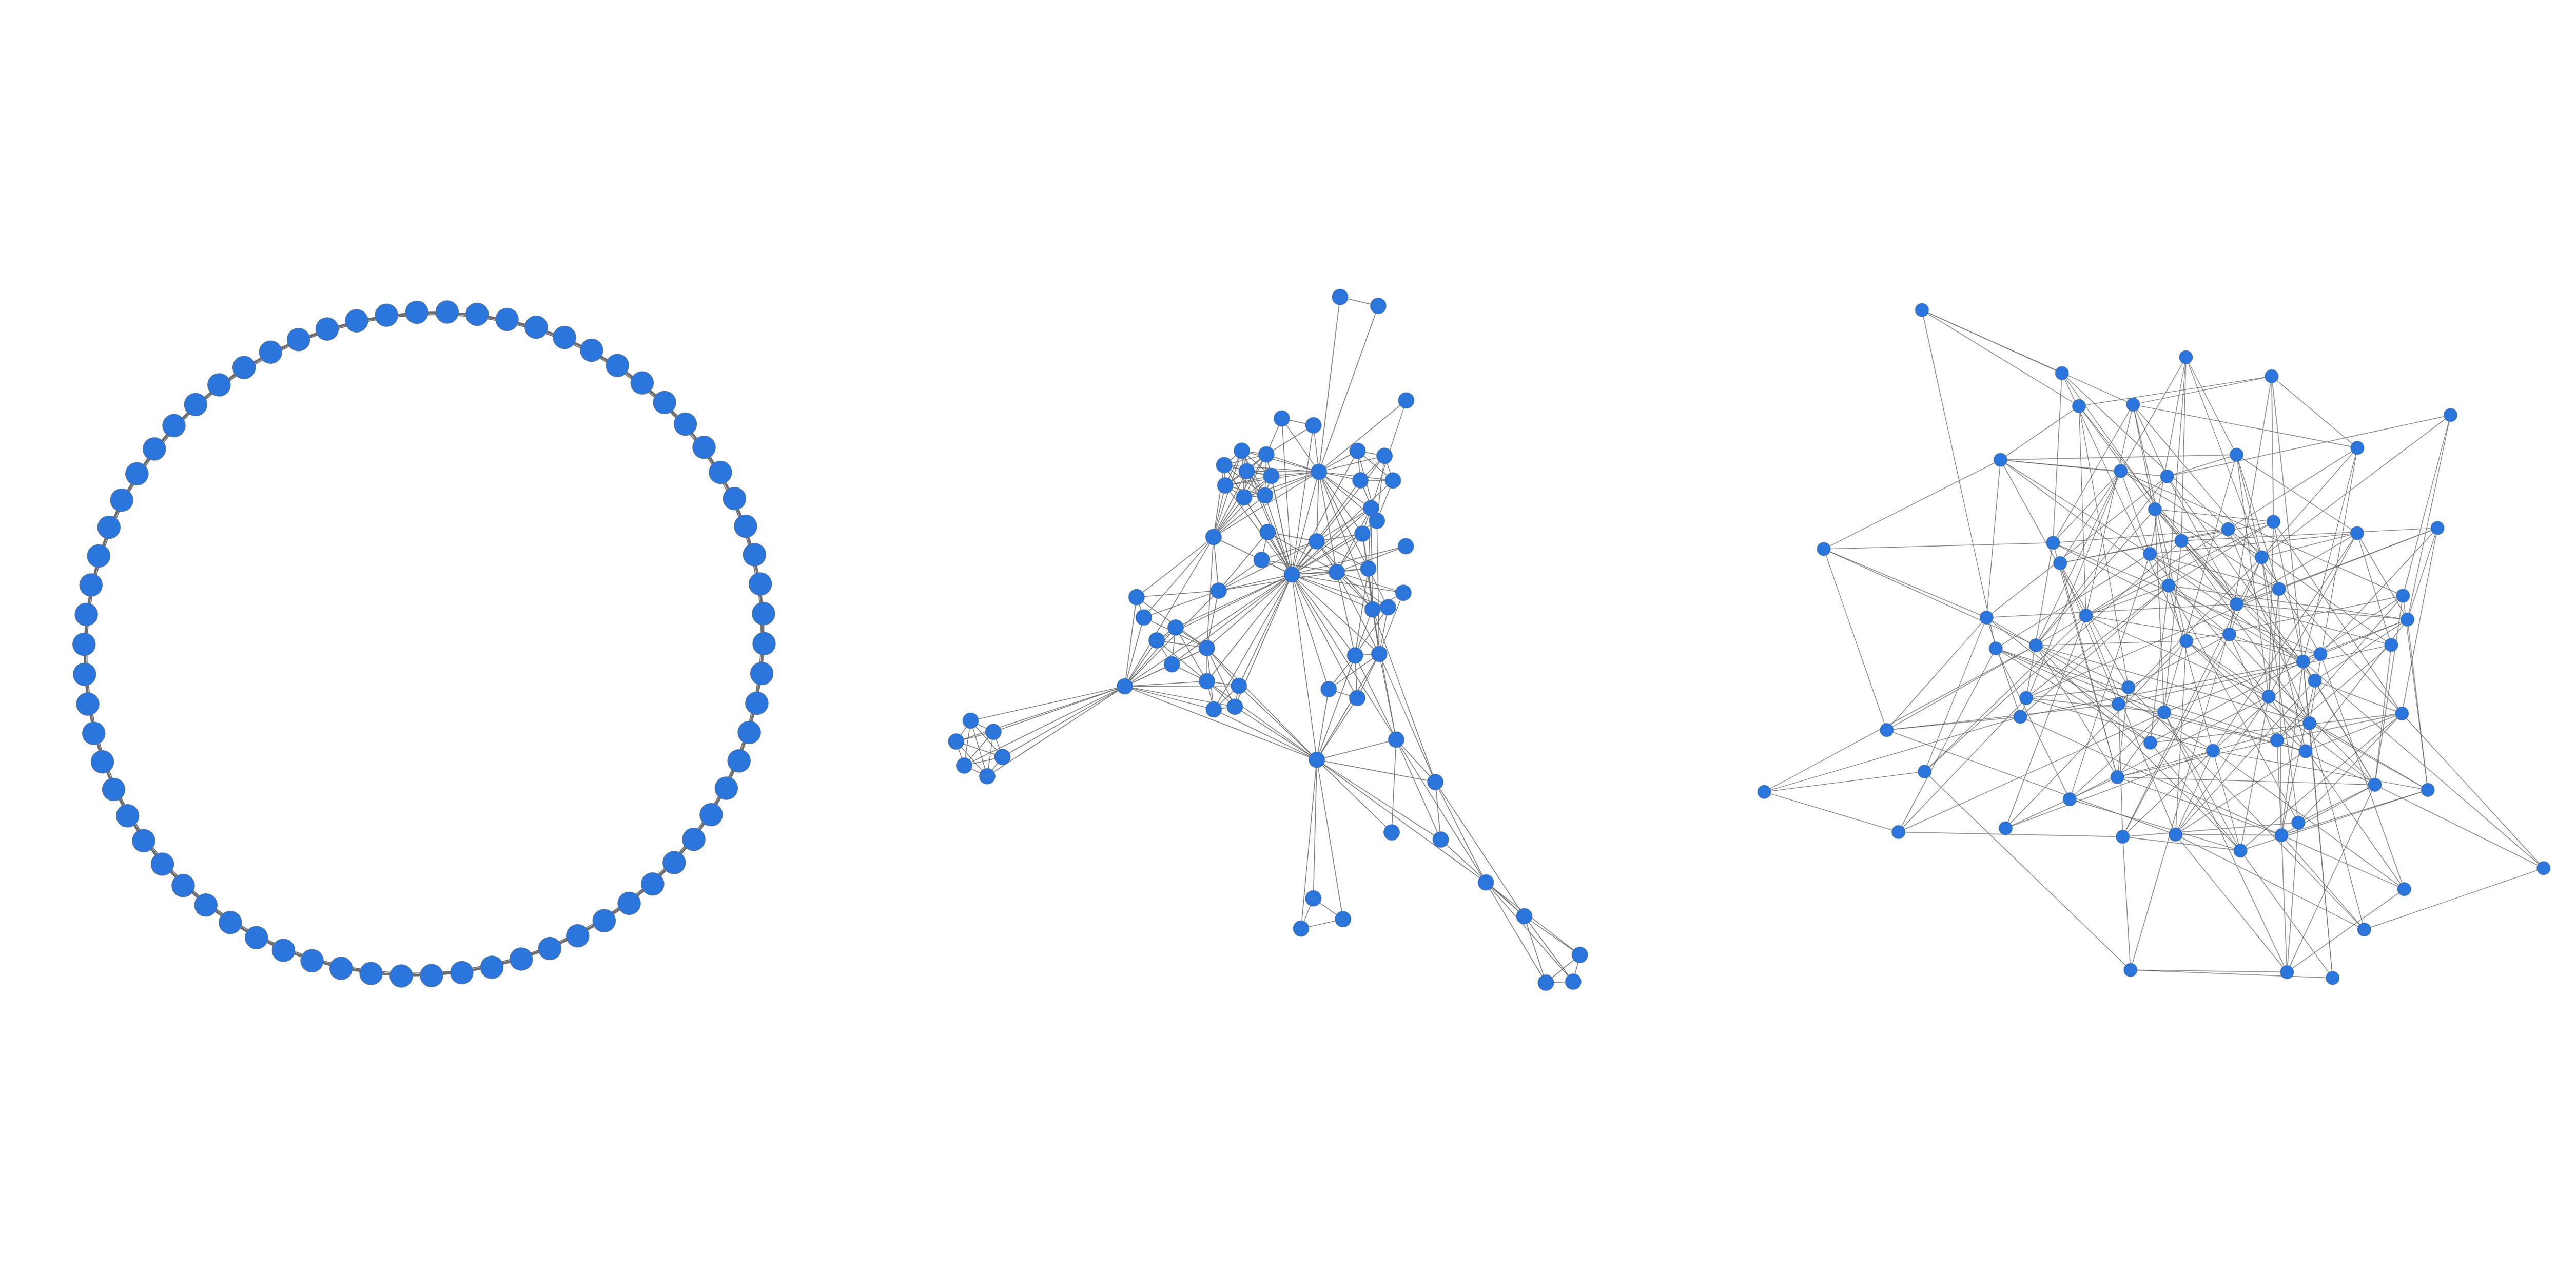 Abb.7: a) Reguläres Netzwerk. (links)                                     b) Small World. (Mitte) c) Random-Netzwerk. (rechts) © Eigene                                     Grafik, 2017: CC BY 4.0.